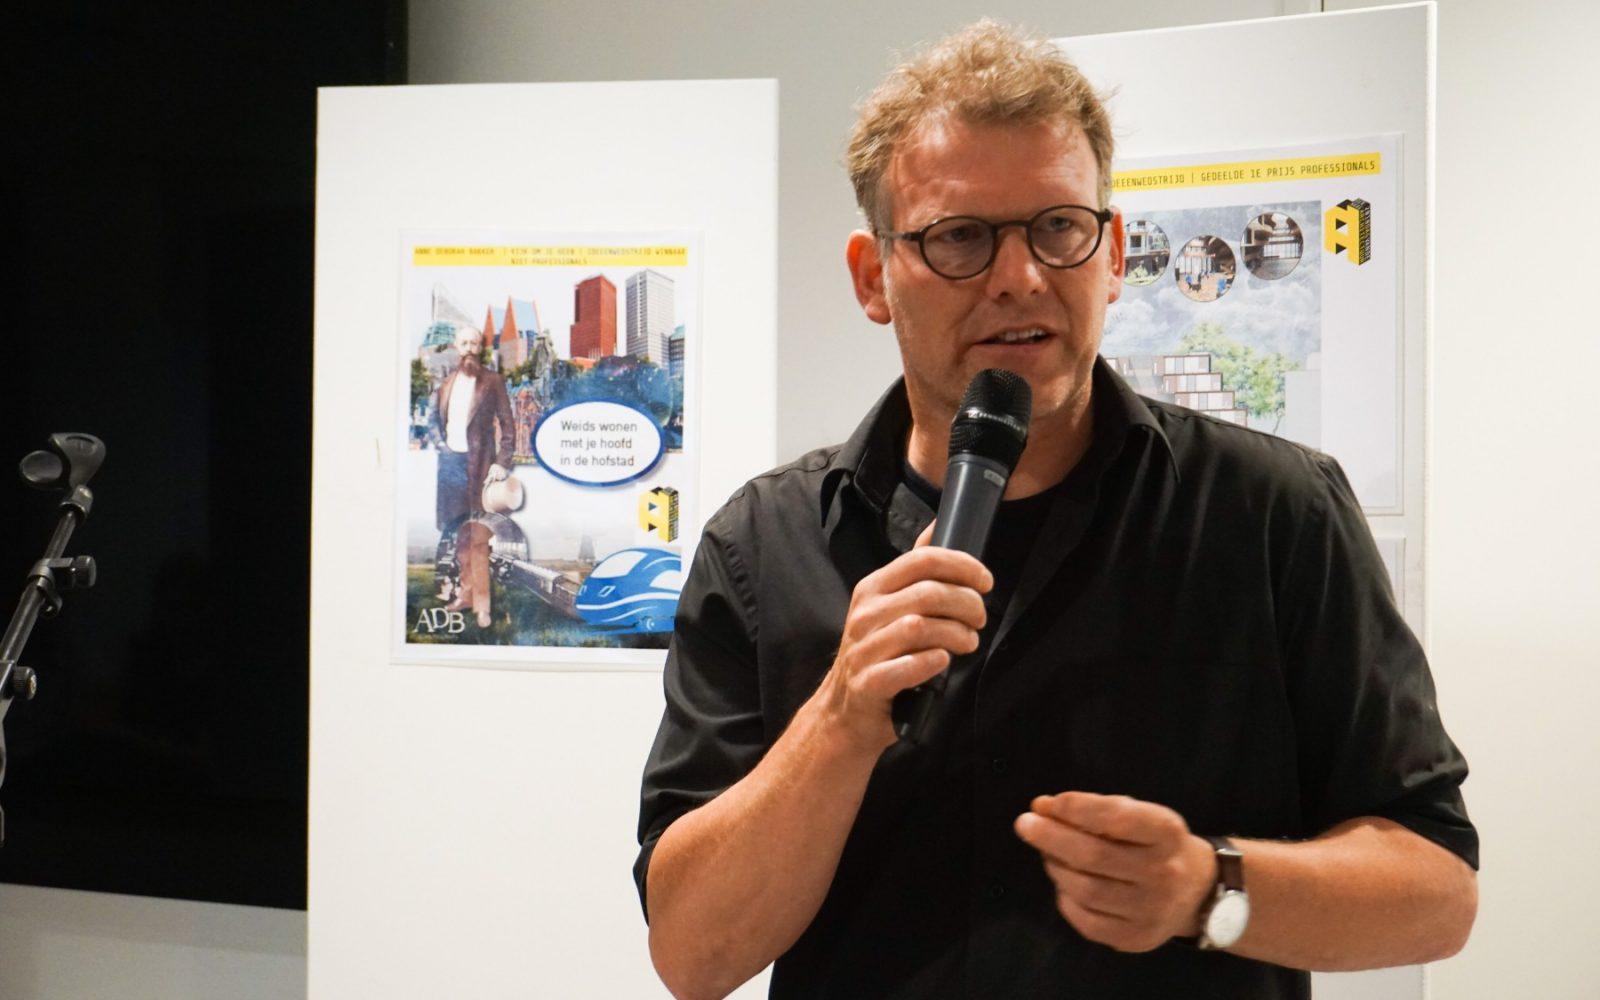 Wethouder Joris Wijsmuller